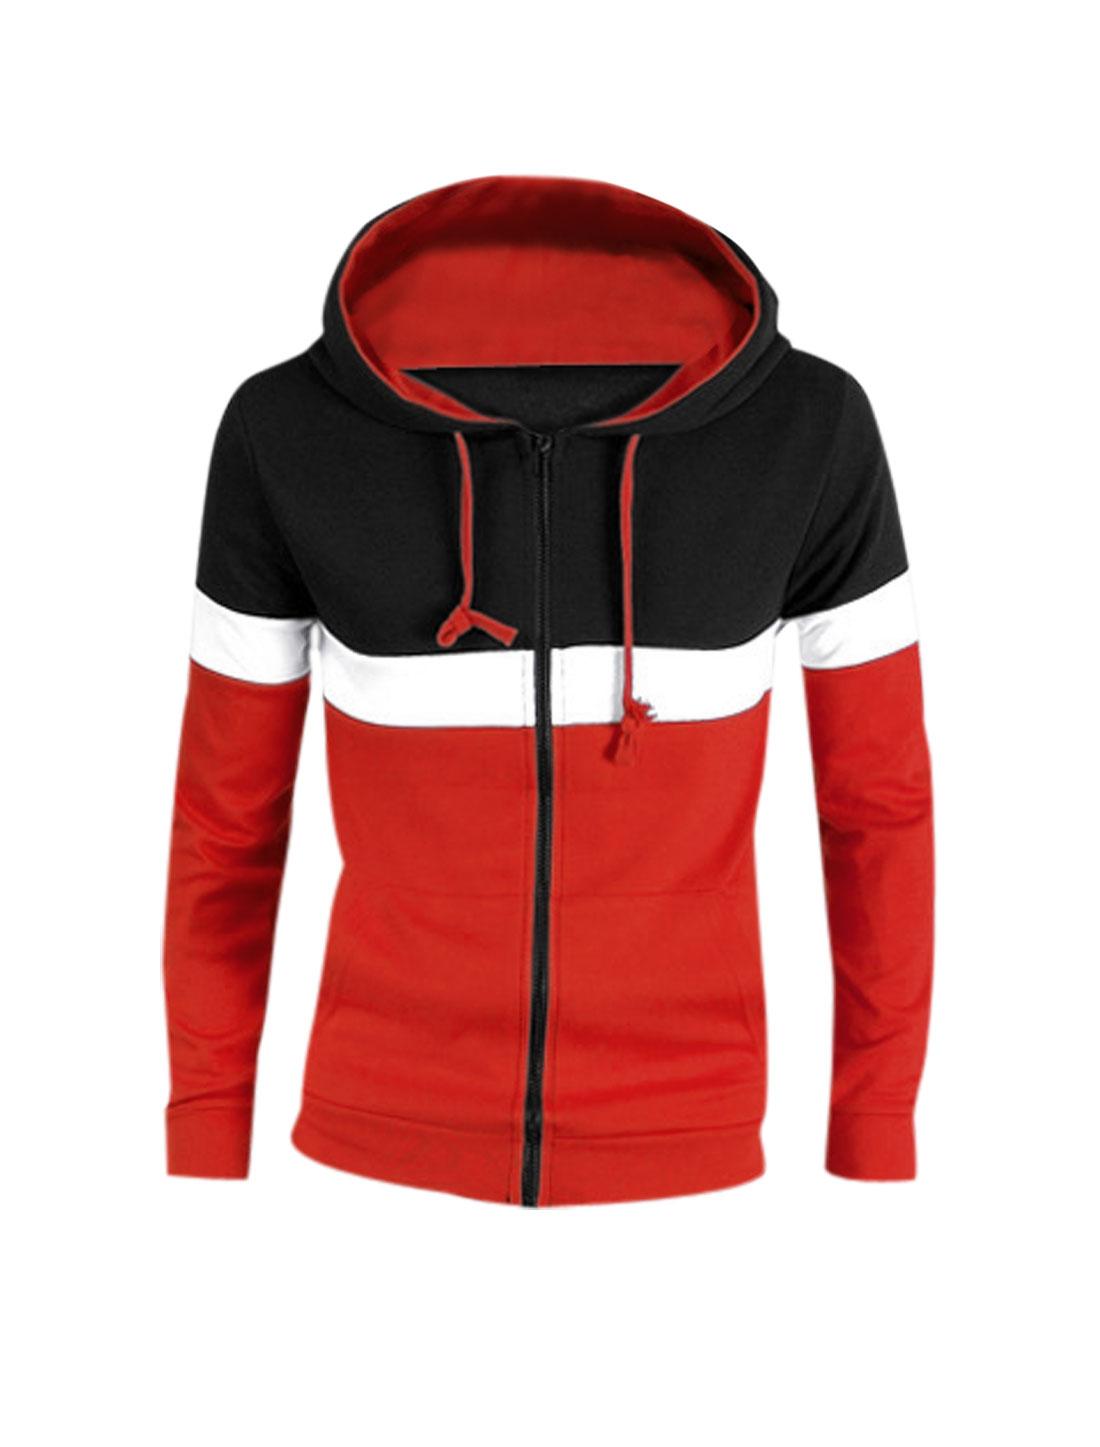 Men Black Red Zip Down Color Block Front Pockets Hoodie Jacket S